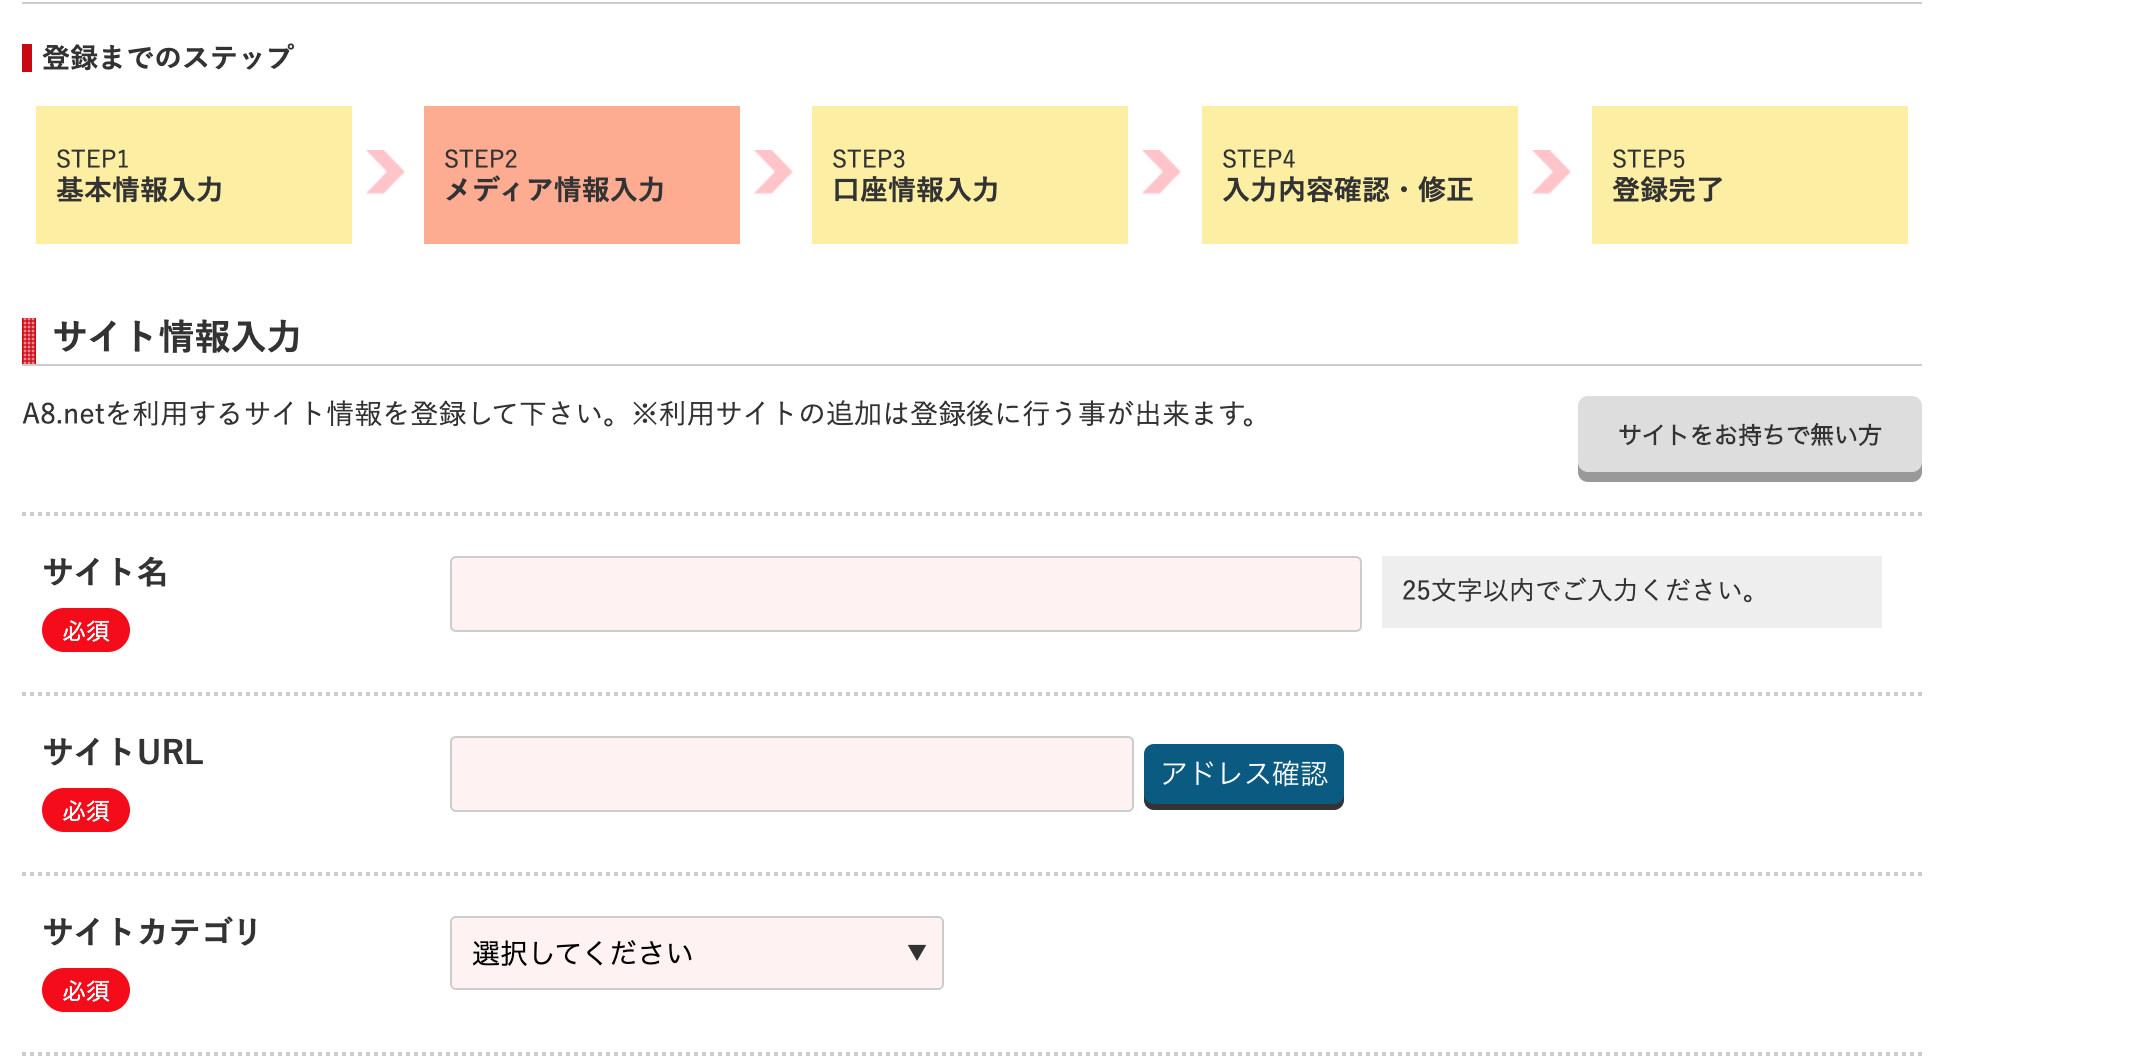 サイト情報の入力画面